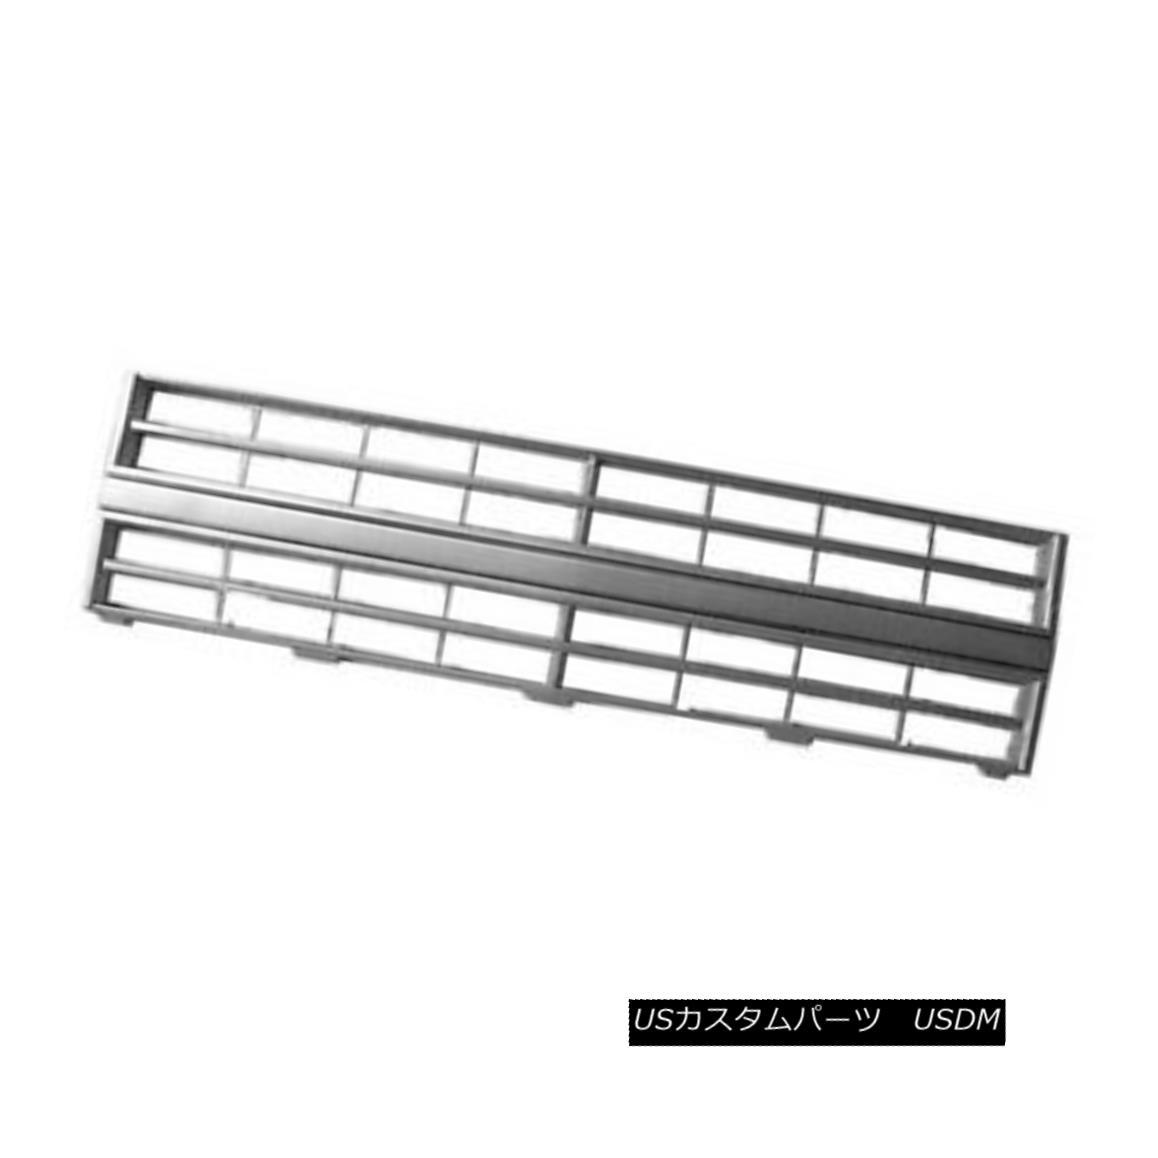 グリル New Grille Argent for Single Head Lamp Integral Center Molding 104-00724B Value シングルヘッドランプインテグラルセンターモールディングのための新しいグリルアルゼンチン104-00724B値